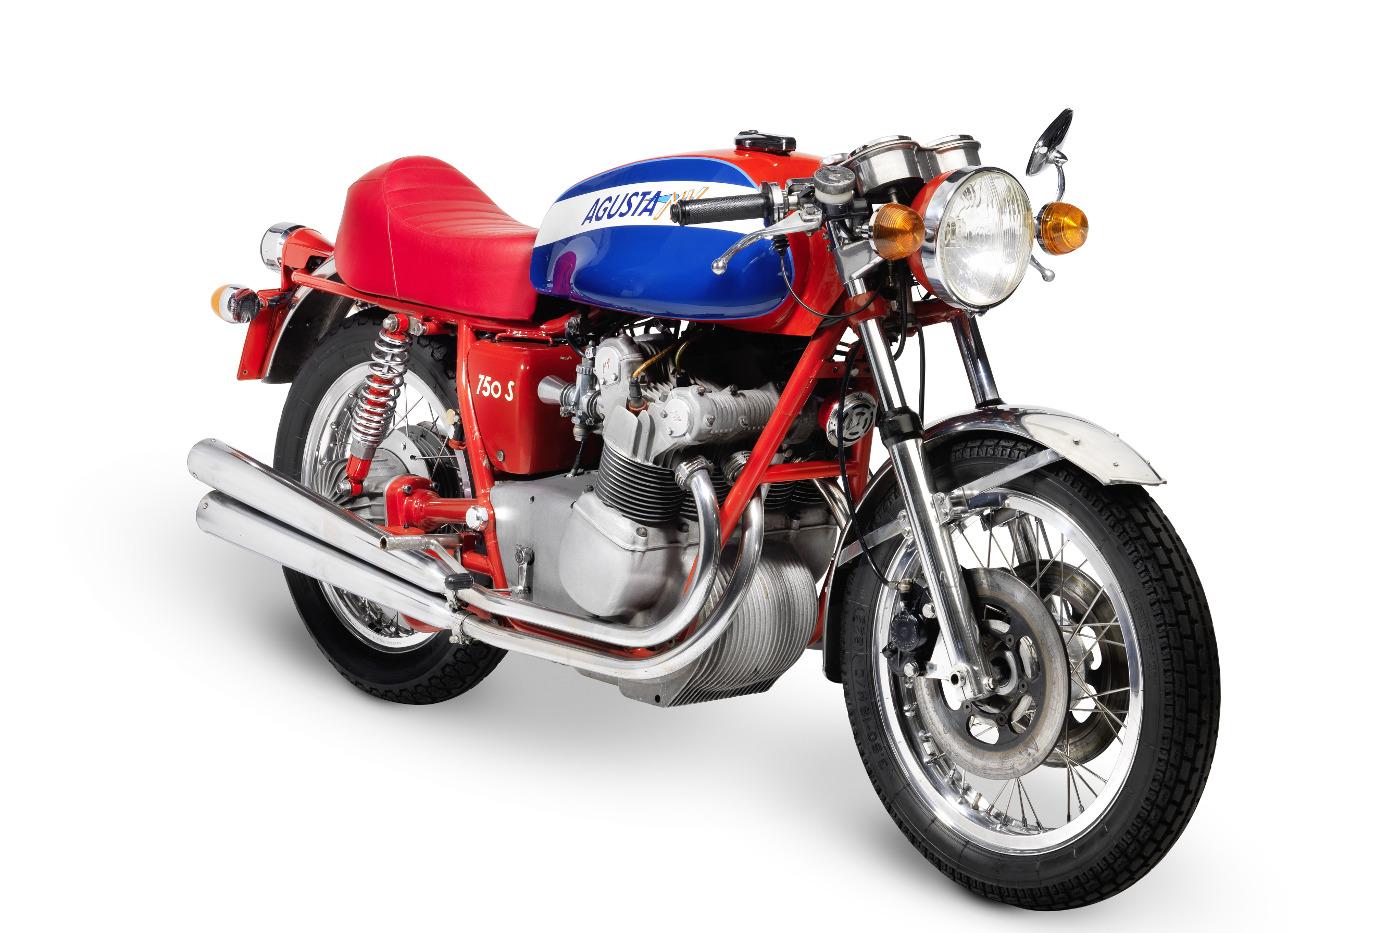 1973 MV Agusta 750 Sport is the star of Bonhams auction